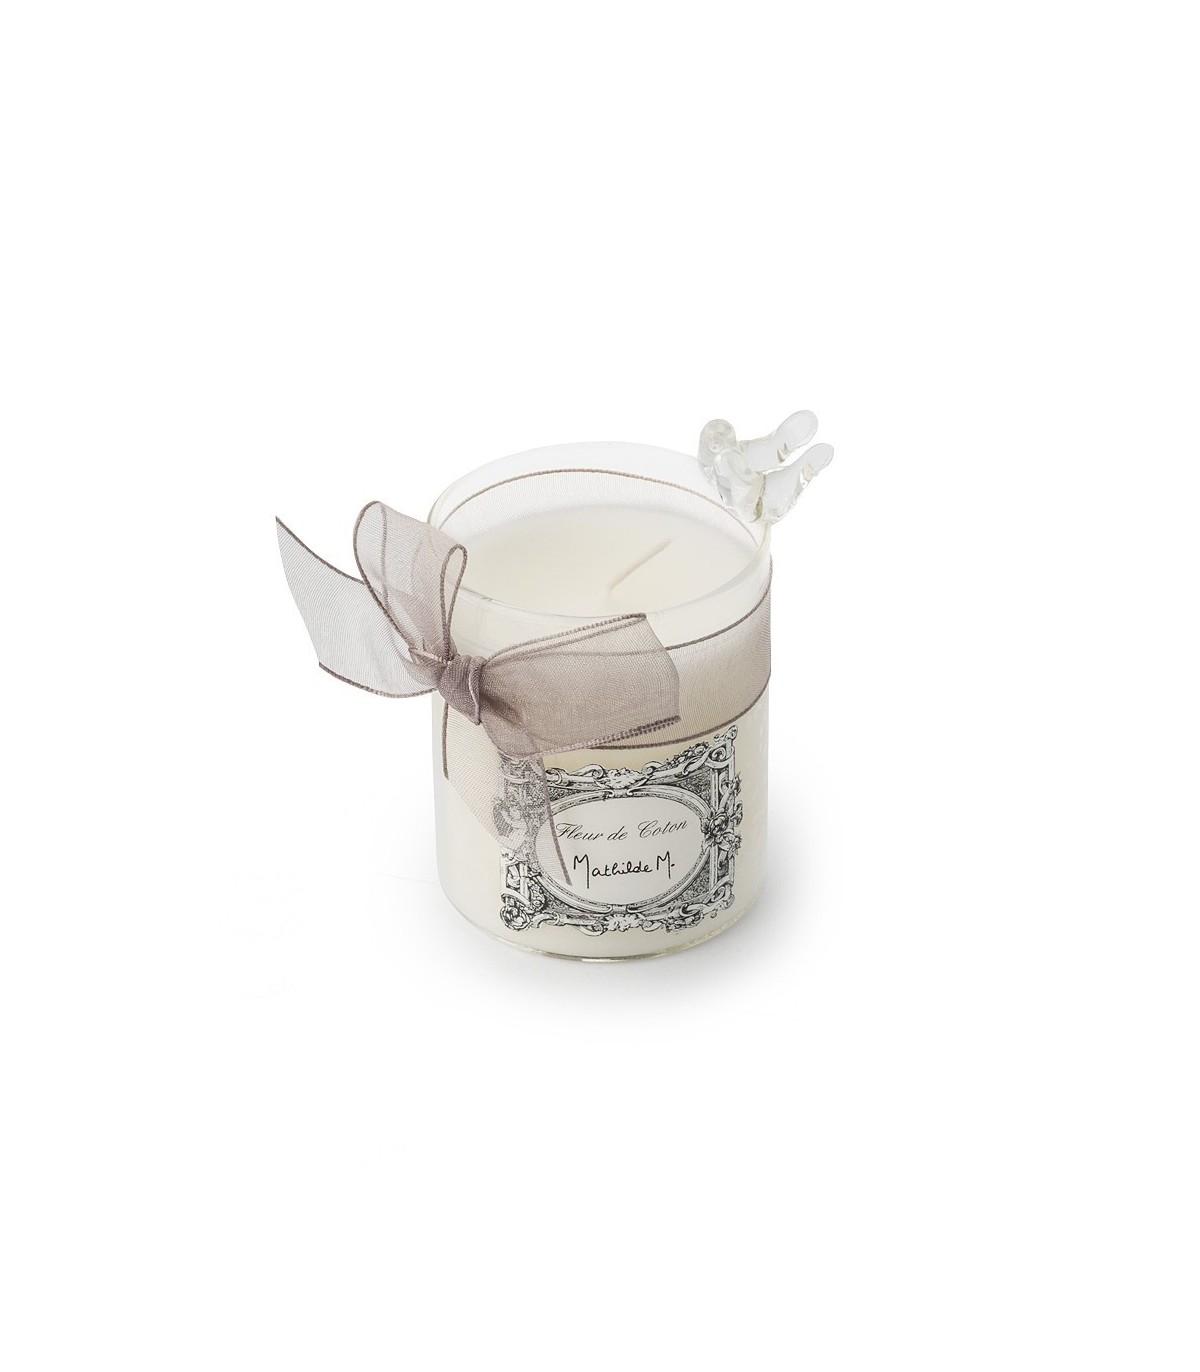 mathilde m cotton flower scented candle. Black Bedroom Furniture Sets. Home Design Ideas